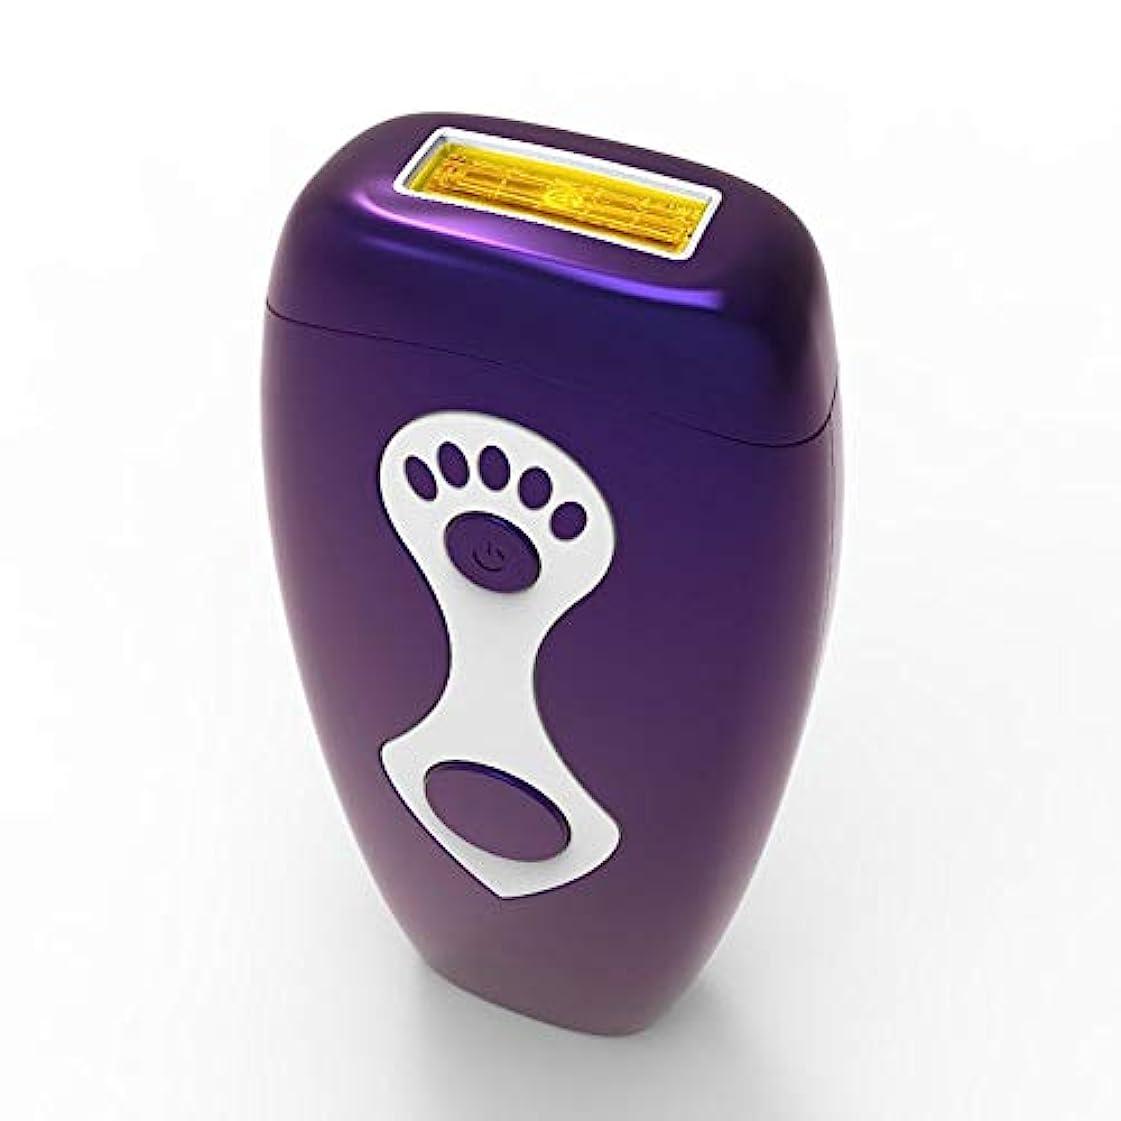 対角線レンチ廃棄パーマネント脱毛、家庭用ニュートラルヘアリムーバー、柔らかい肌、マルチ運動エネルギー、安全性、グレード5無料調整、サイズ7.5×16.5 Cm 髪以外はきれい (Color : Purple)